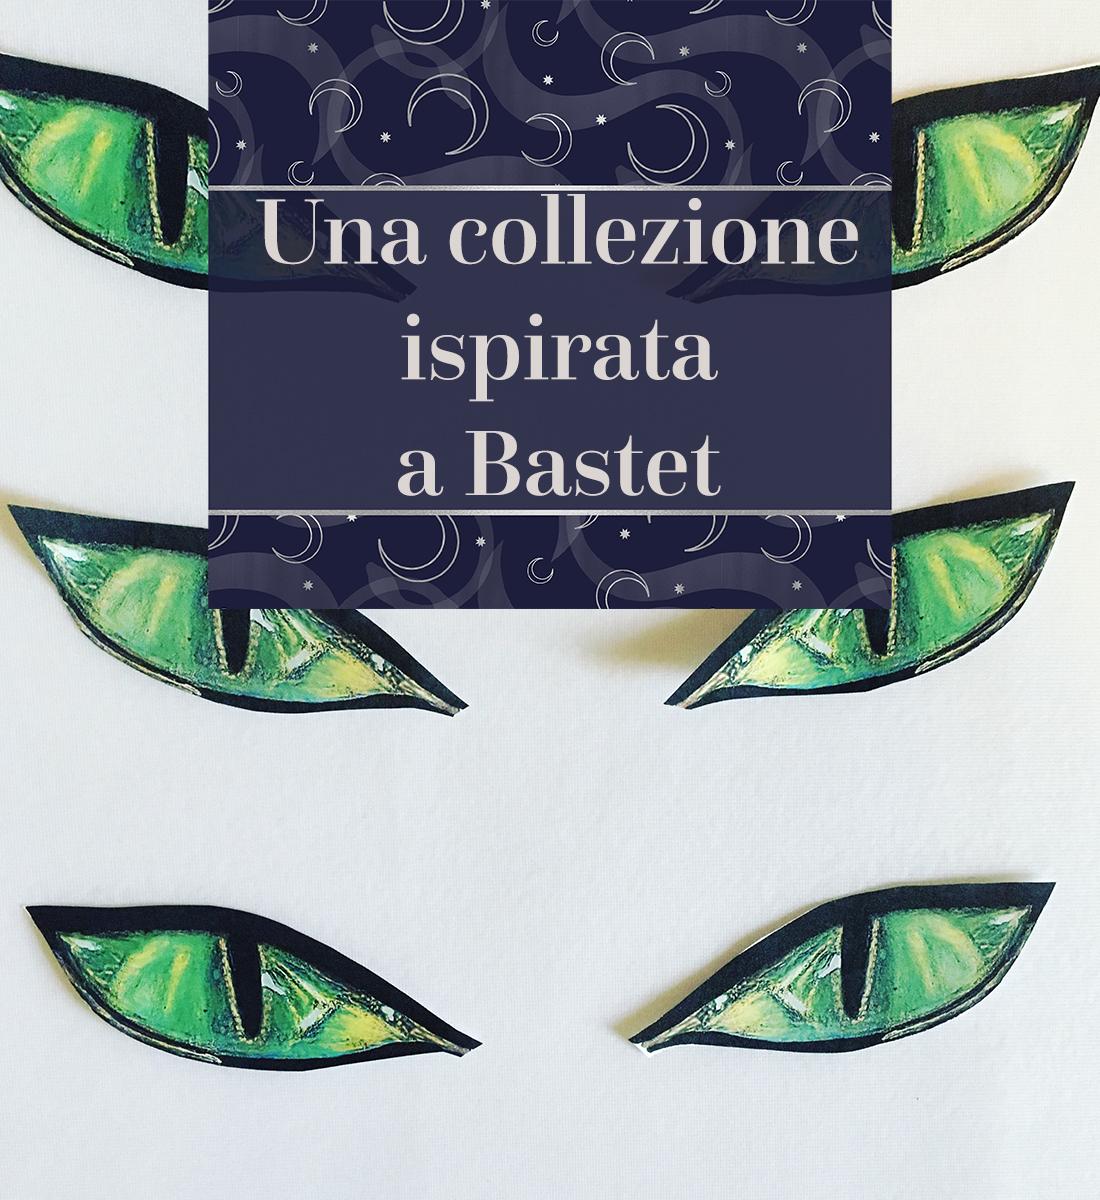 Una collezione ispirata a Bastet